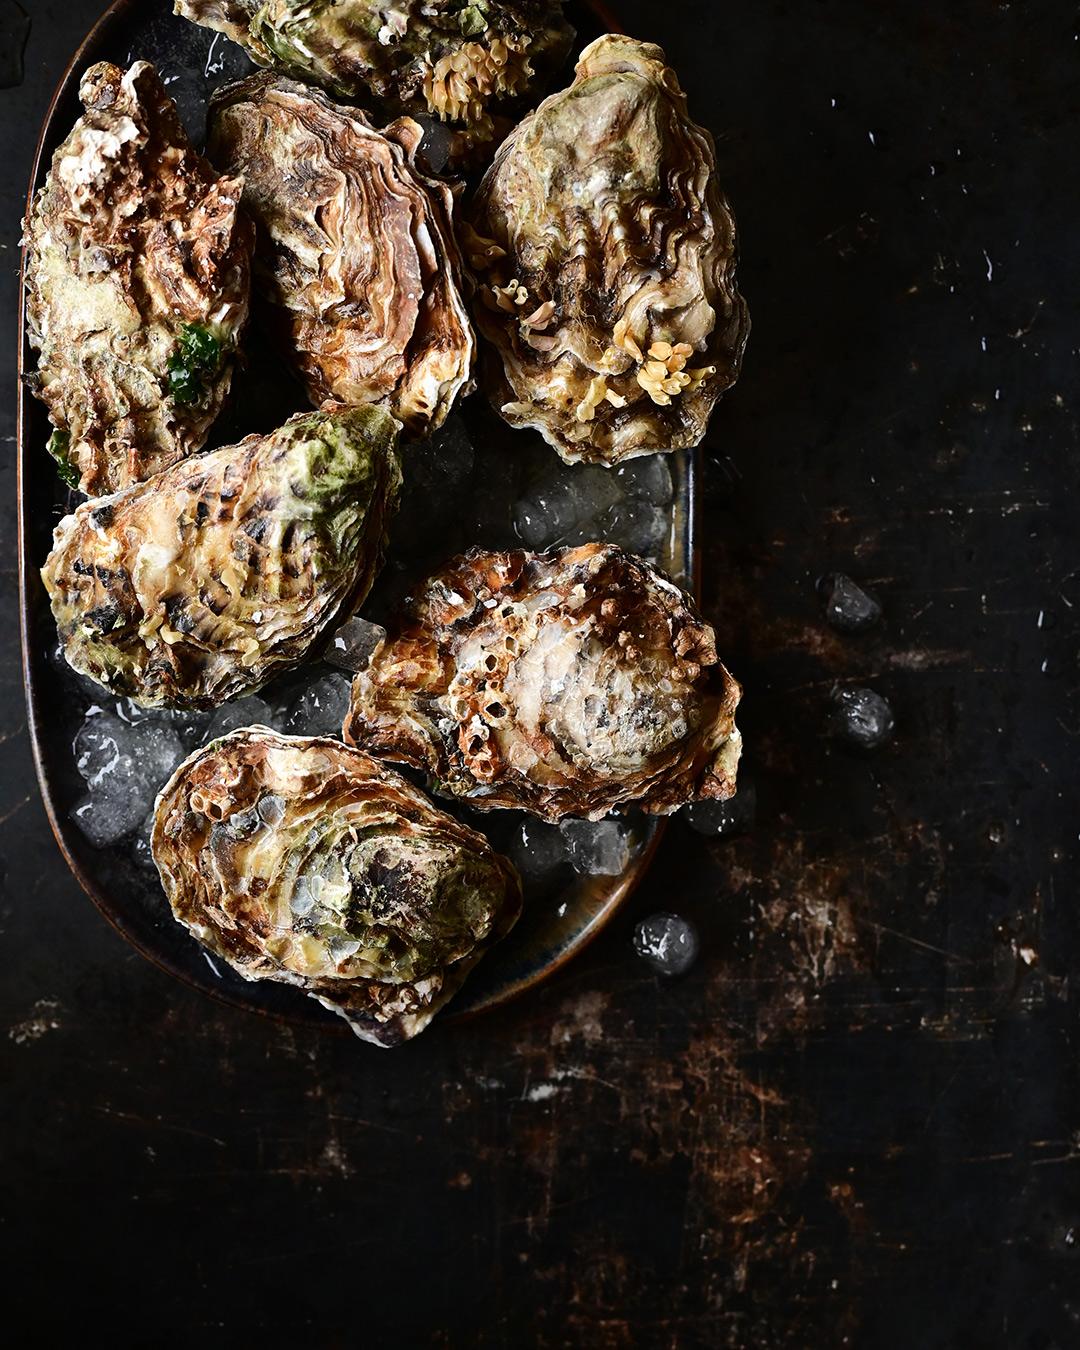 serving dumplings   Ostrygi zapiekane z parmezanem, aïoli i masłem szałwiowym